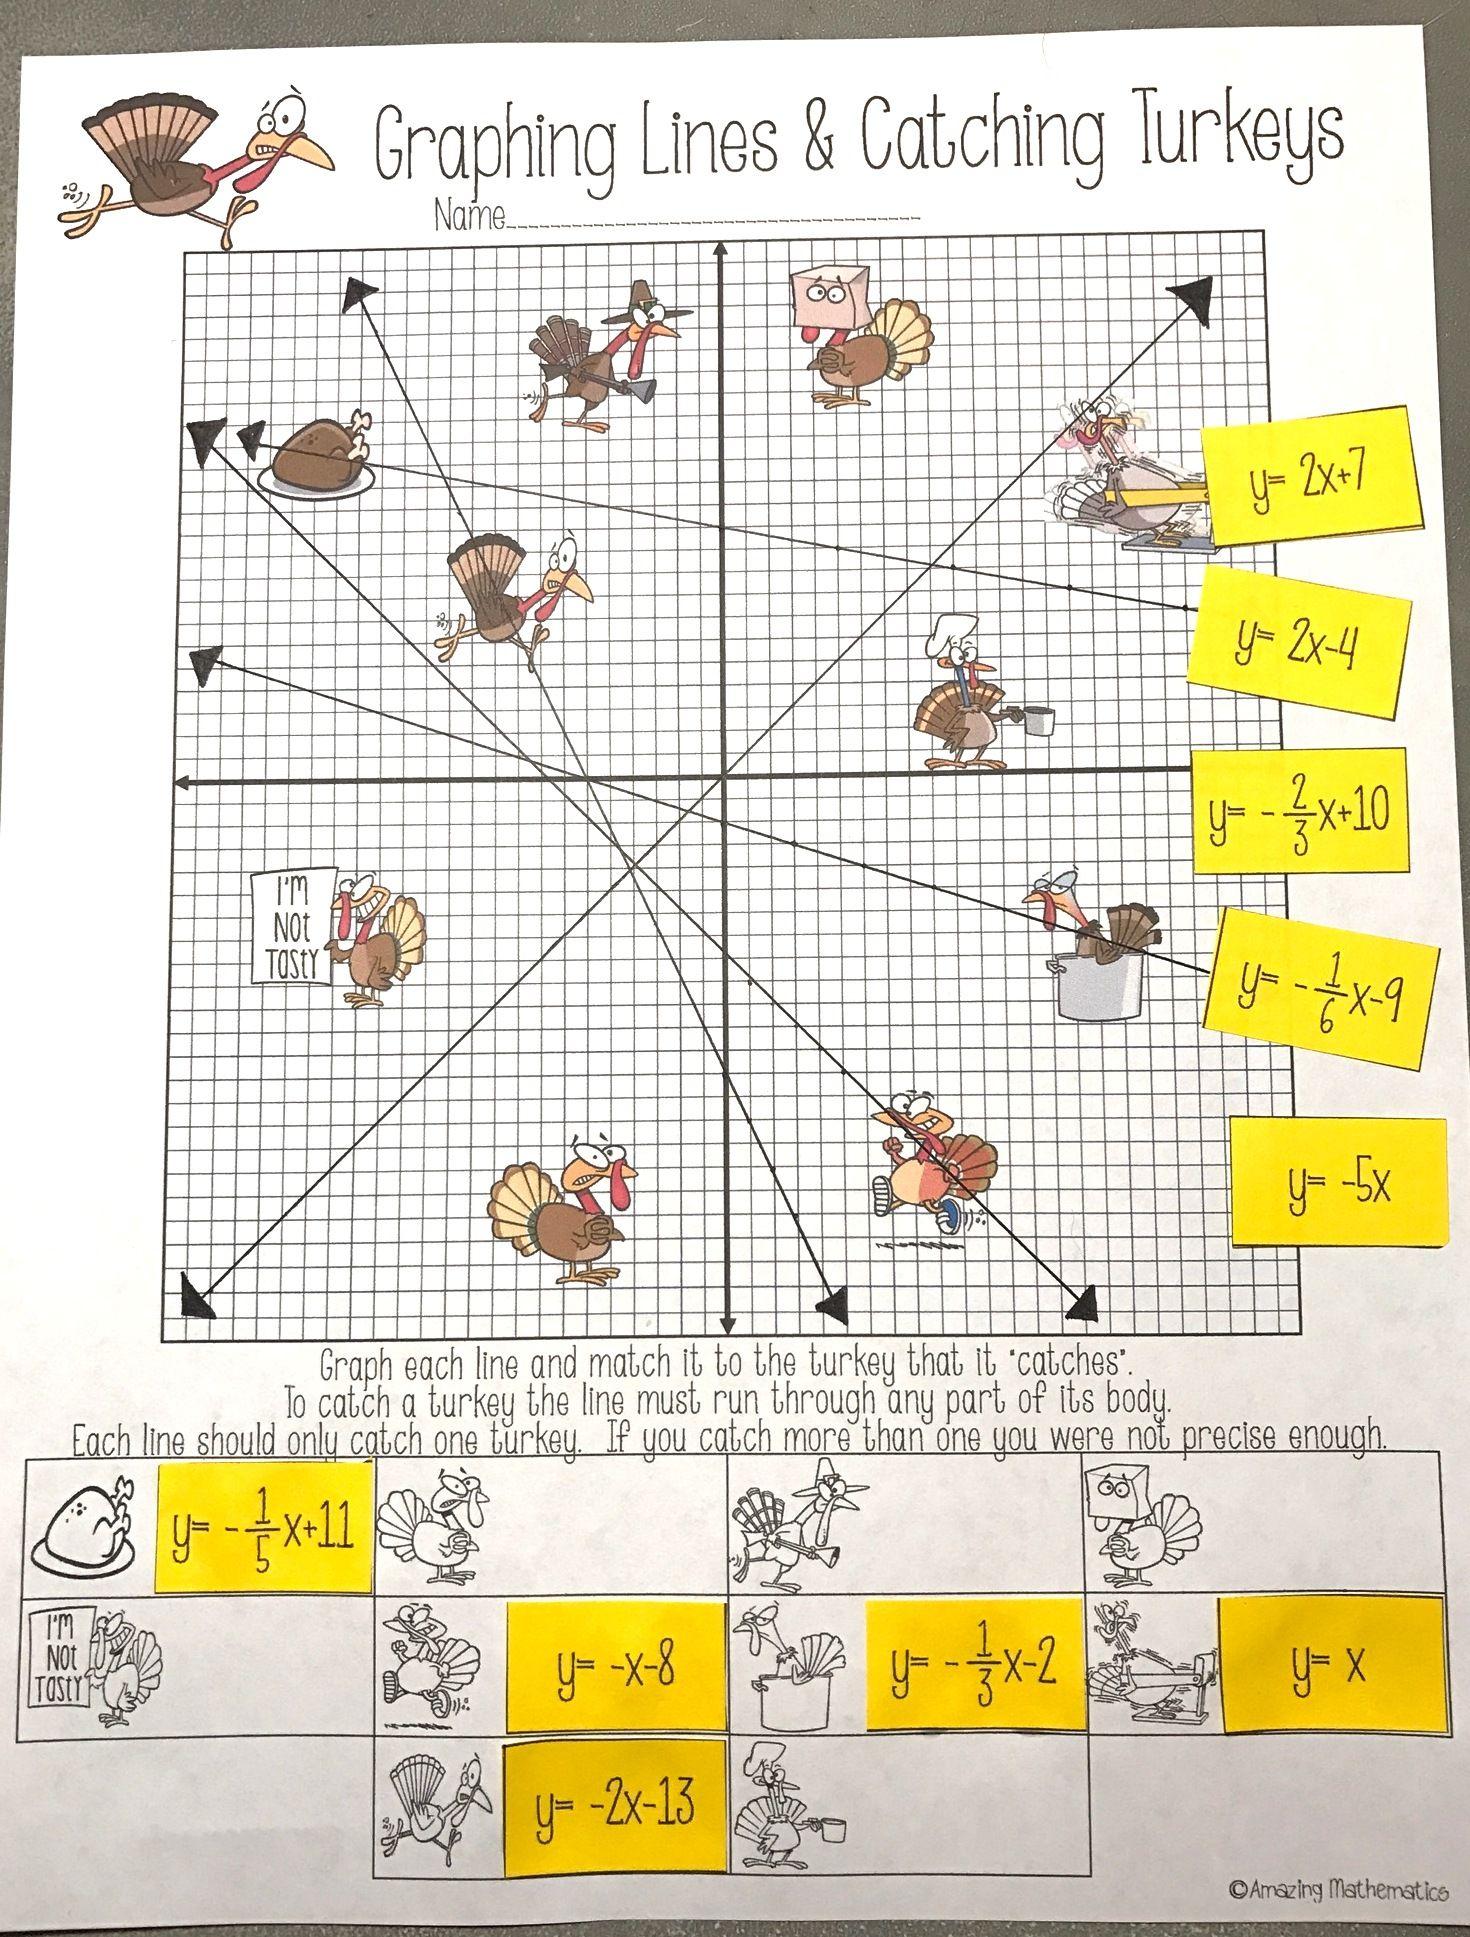 Worksheet Thanksgiving Graphing Worksheet Fun Worksheet